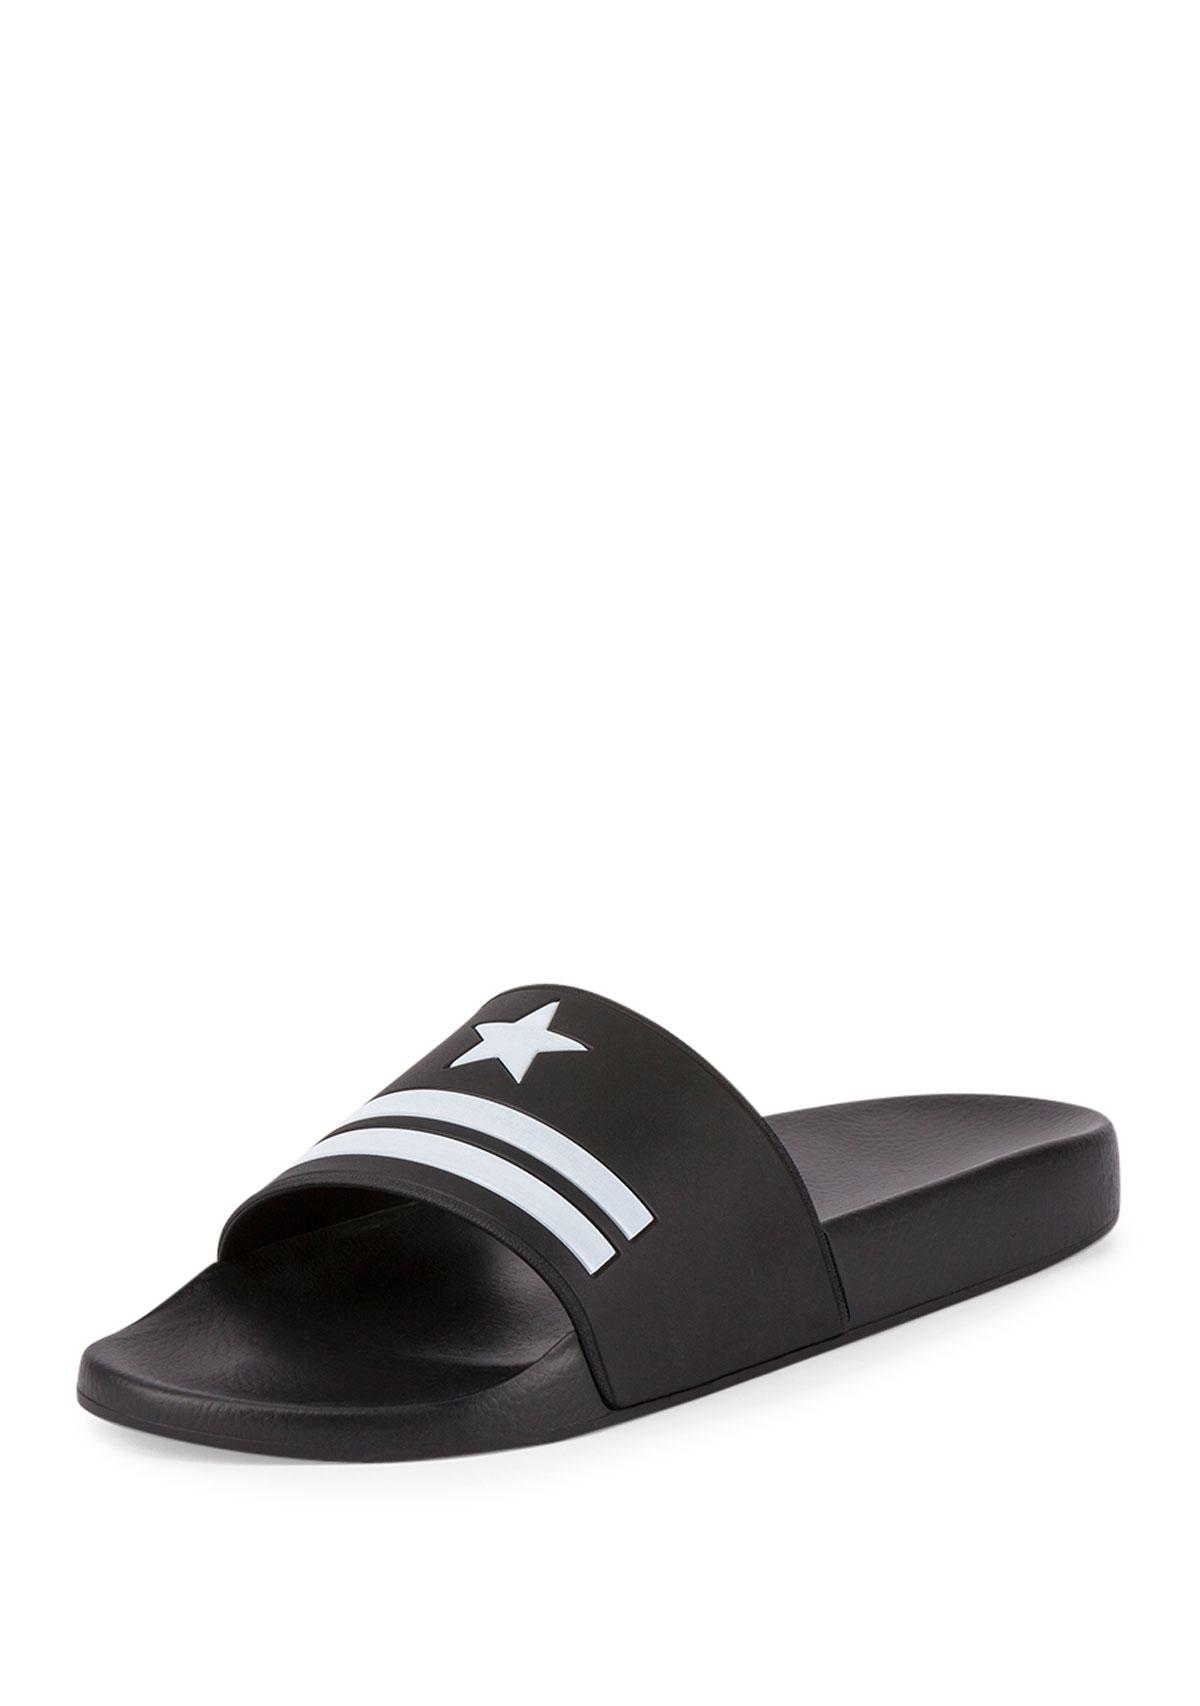 88ea2d1536f Lyst - Givenchy Star   Stripe Rubber Slide Sandals in Black for Men